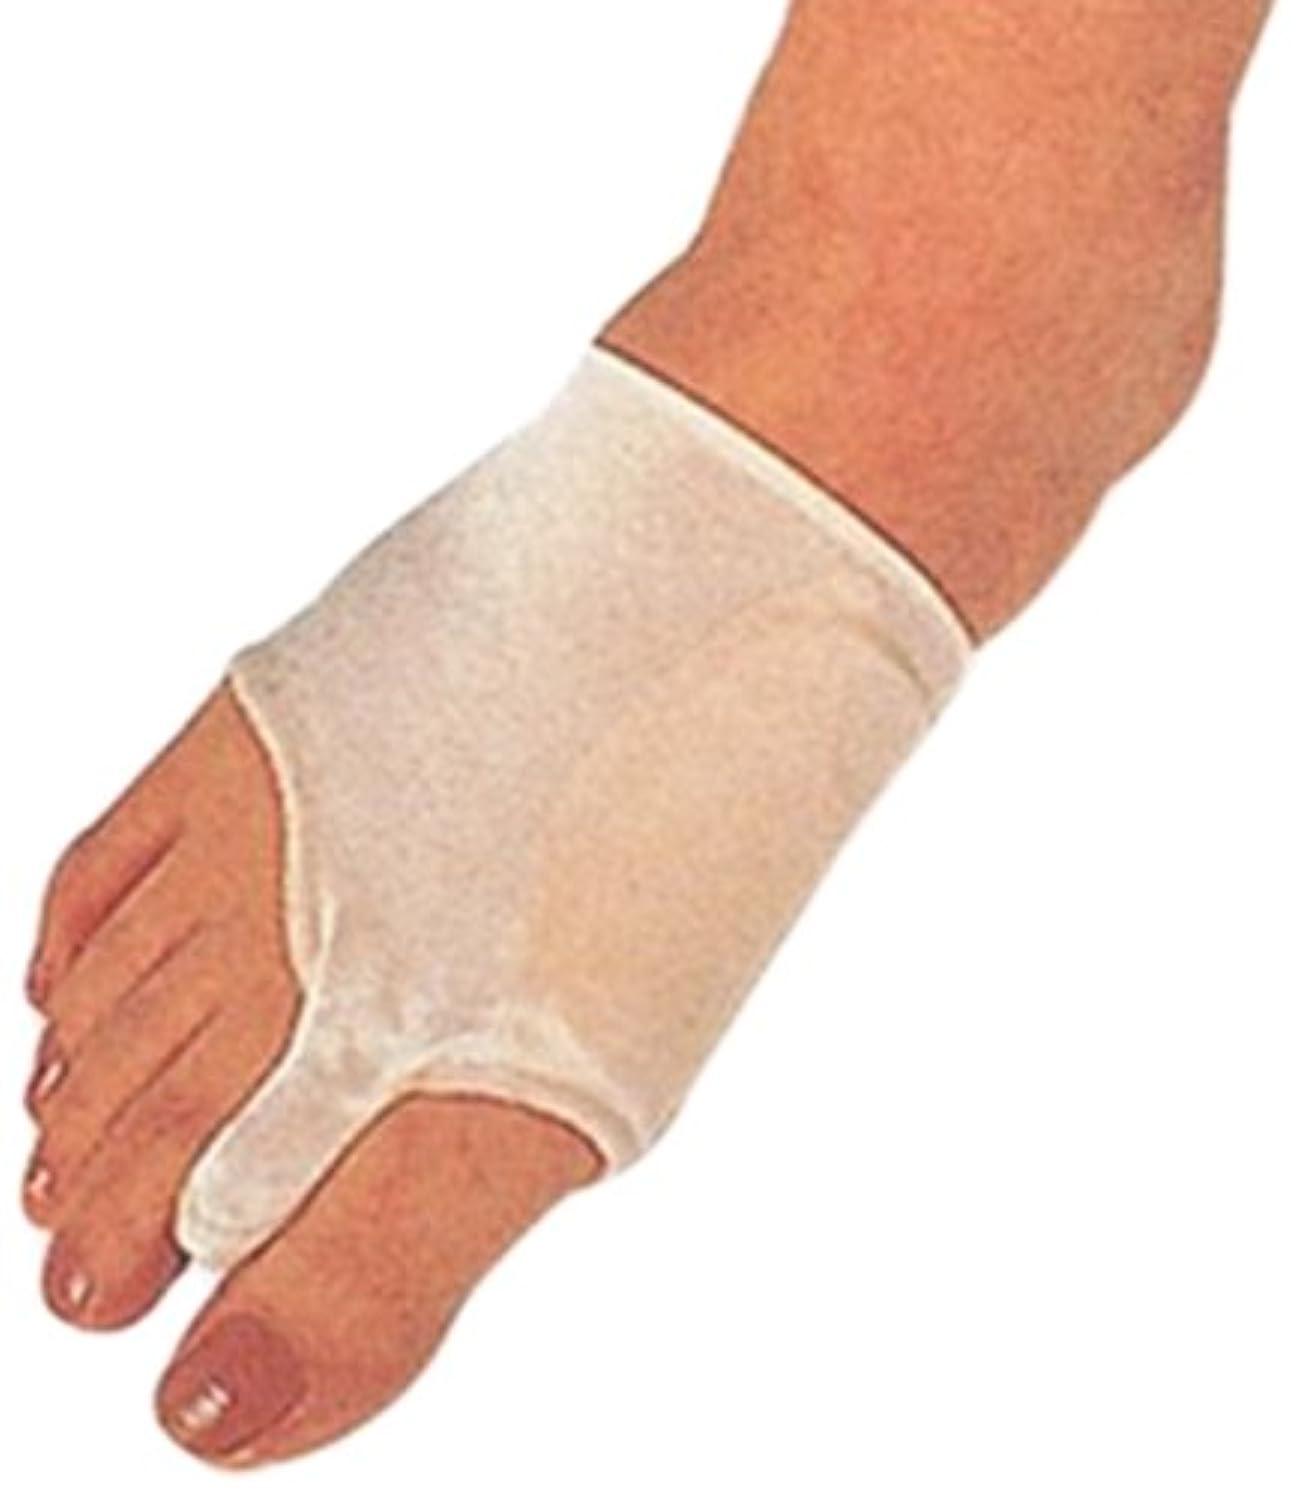 動員する含める離婚SORBO(ソルボ) ソルボ外反母趾サポーター薄型(片方入り/左足用/Lサイズ) 8ZA167